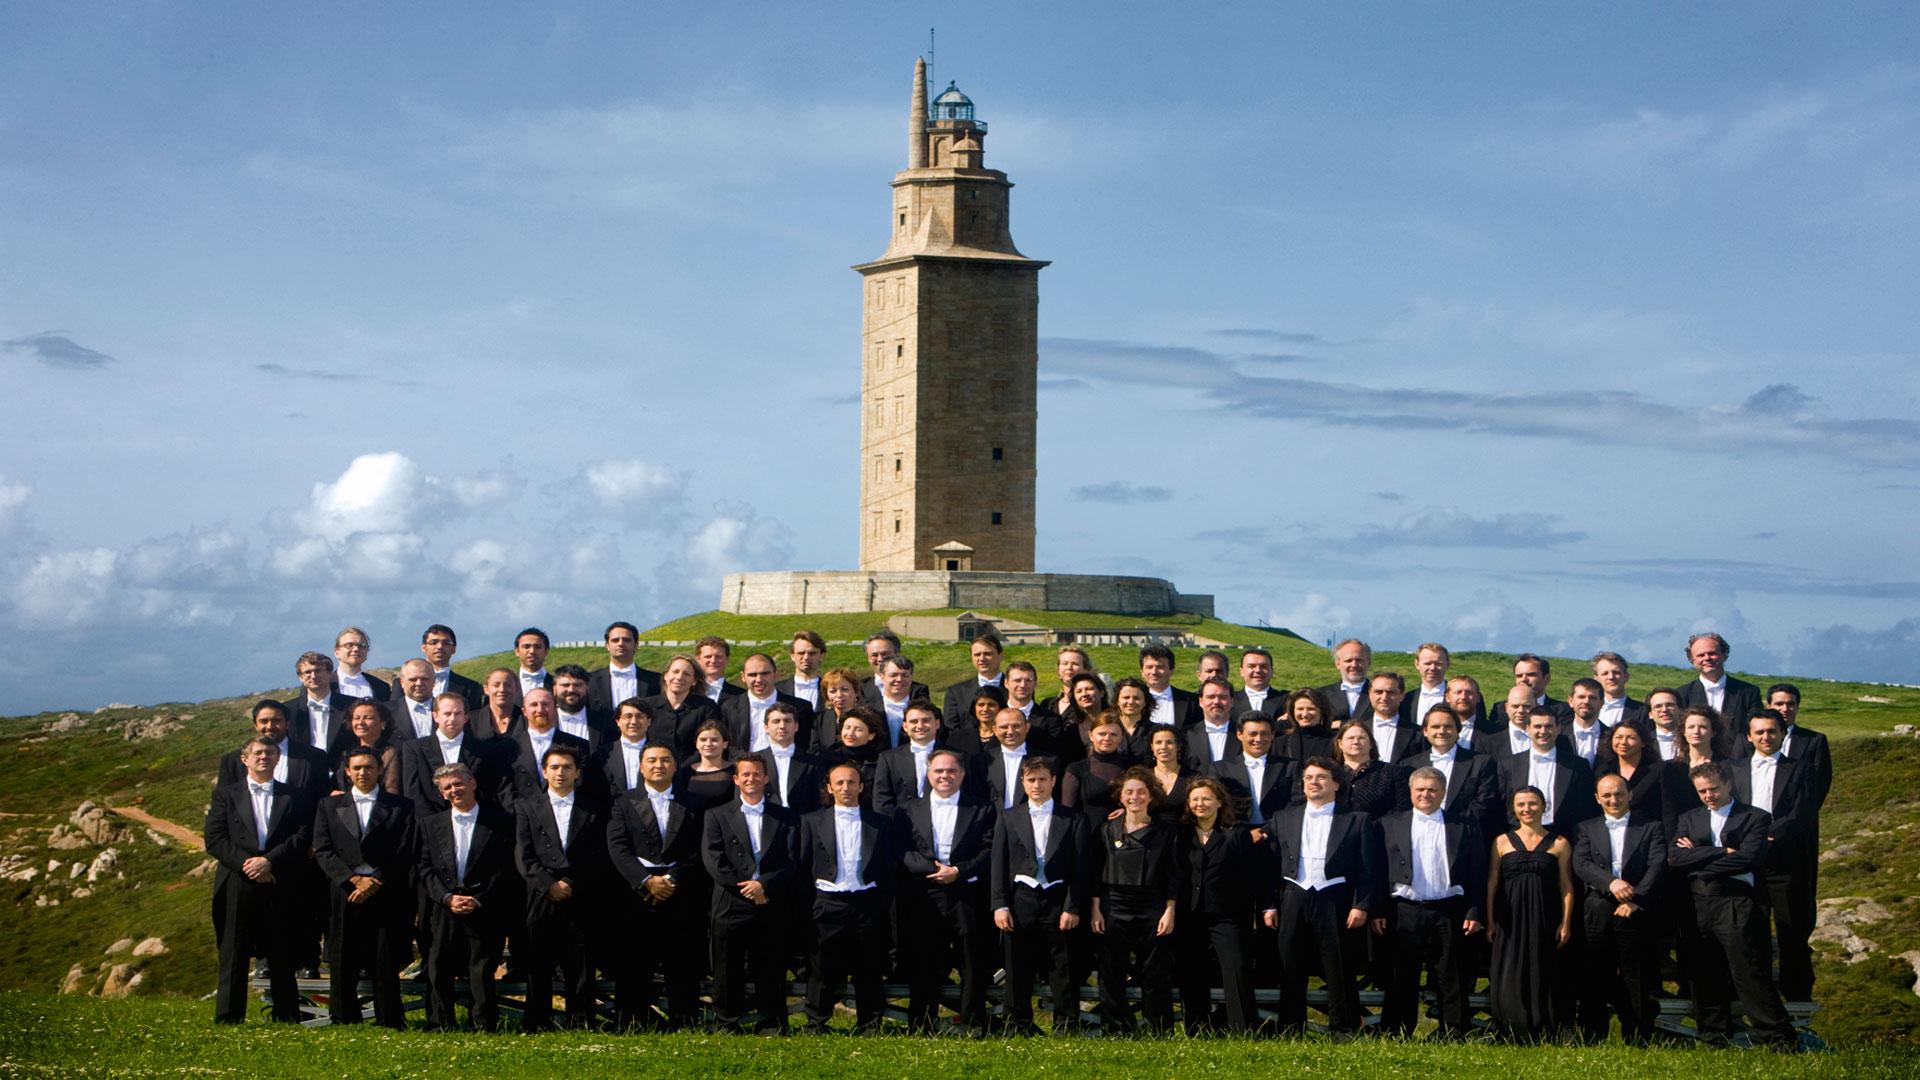 La Sinfónica de Galicia se sumerge en la música de Chaikovski en su temporada 2012-2013